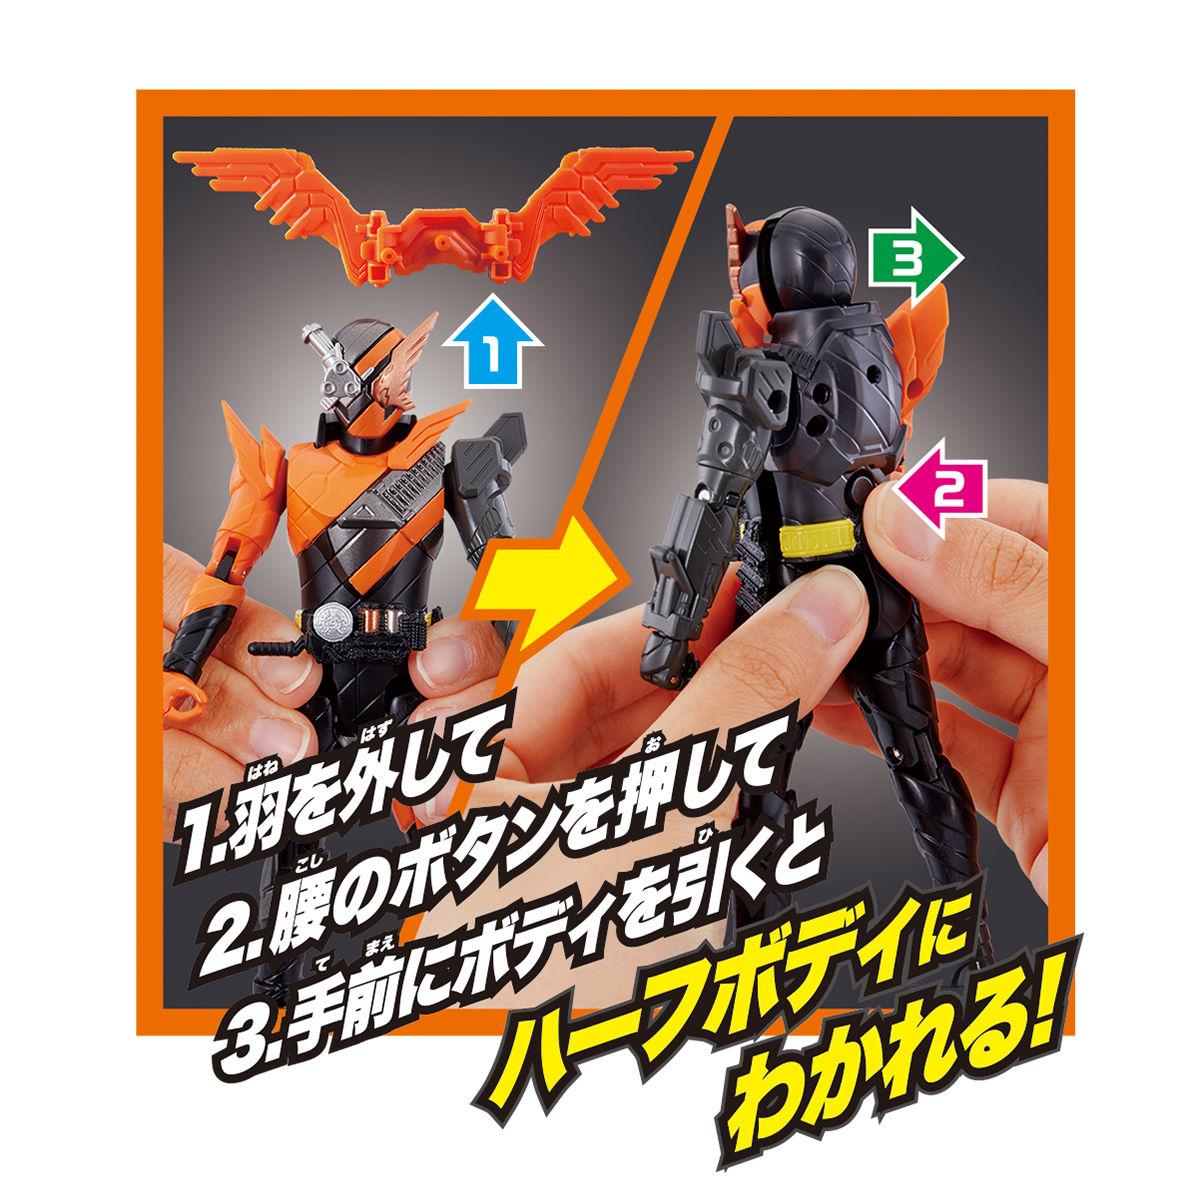 ボトルチェンジライダーシリーズ 03仮面ライダービルド ホークガトリングフォーム